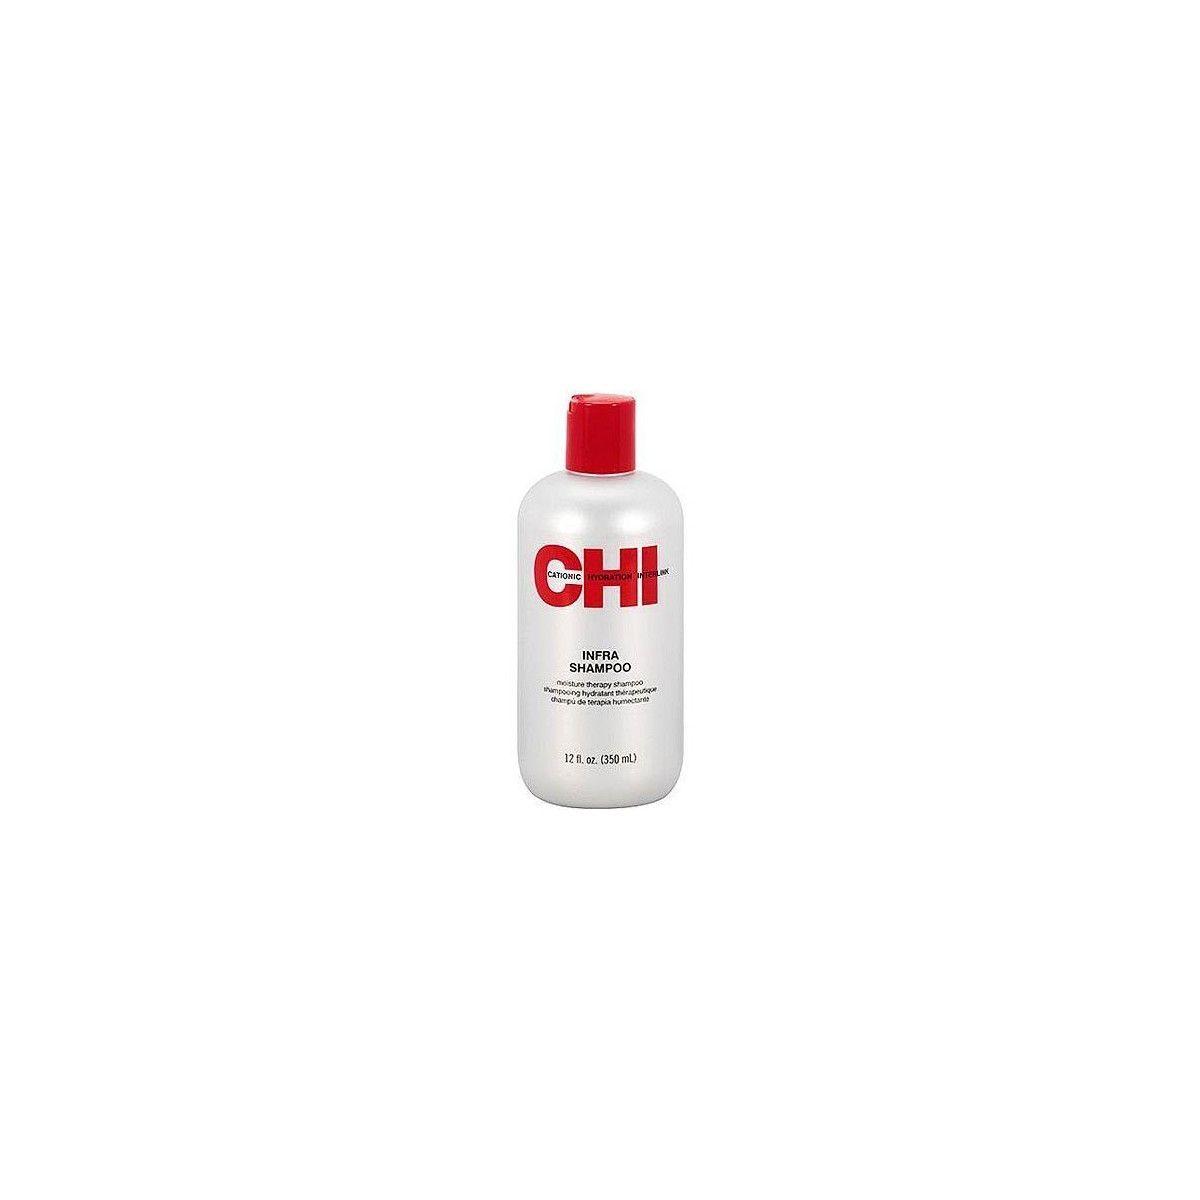 CHI Infra Treatment, Szampon do włosów farbowanych 355ml